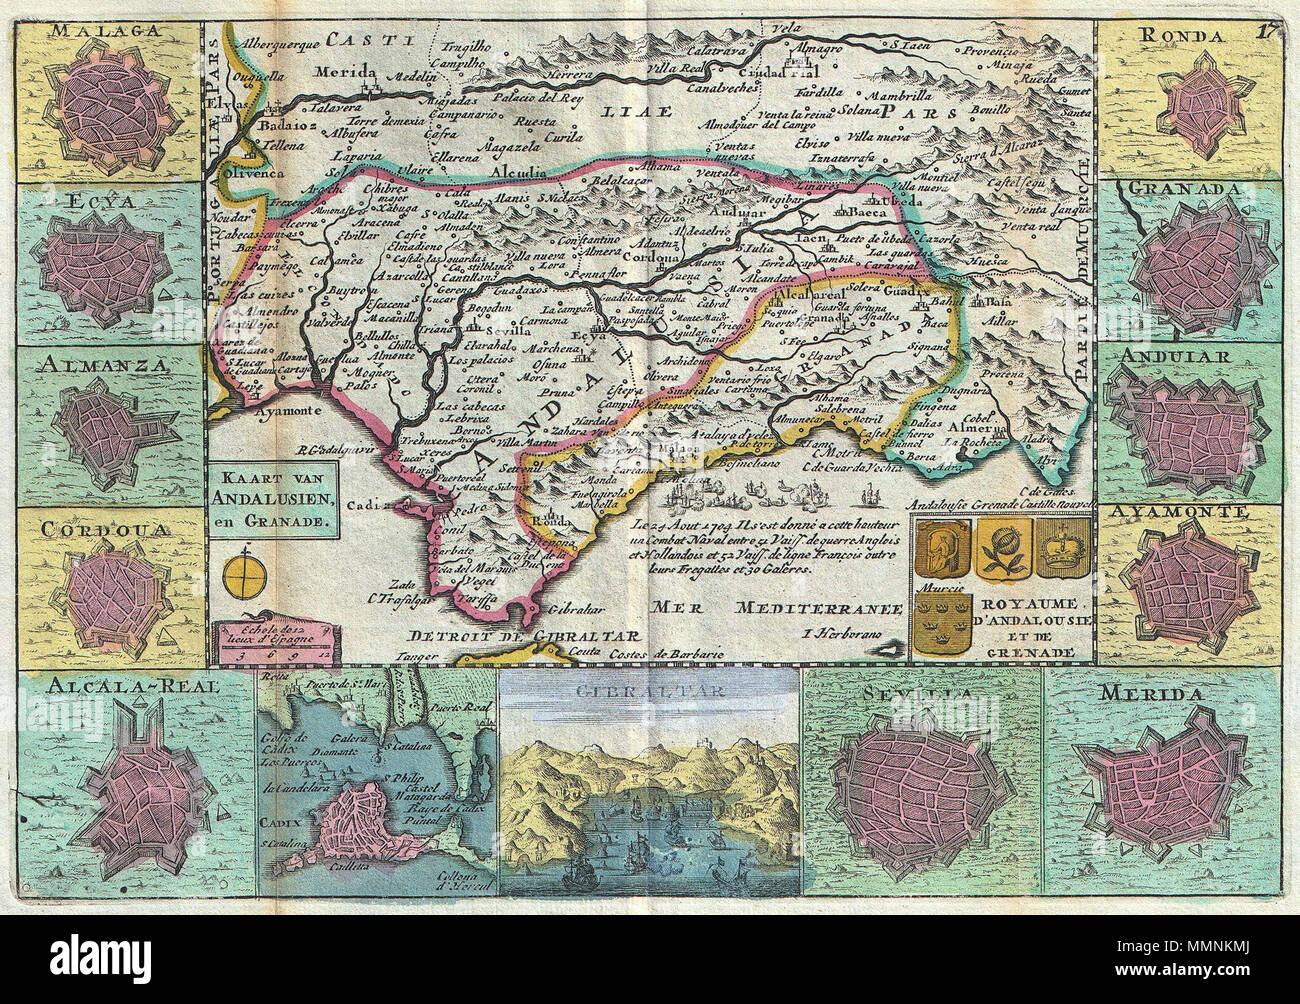 Karte Andalusien Cadiz.Englisch Eine Atemberaubende Karte Von Andalusien Und Grenada